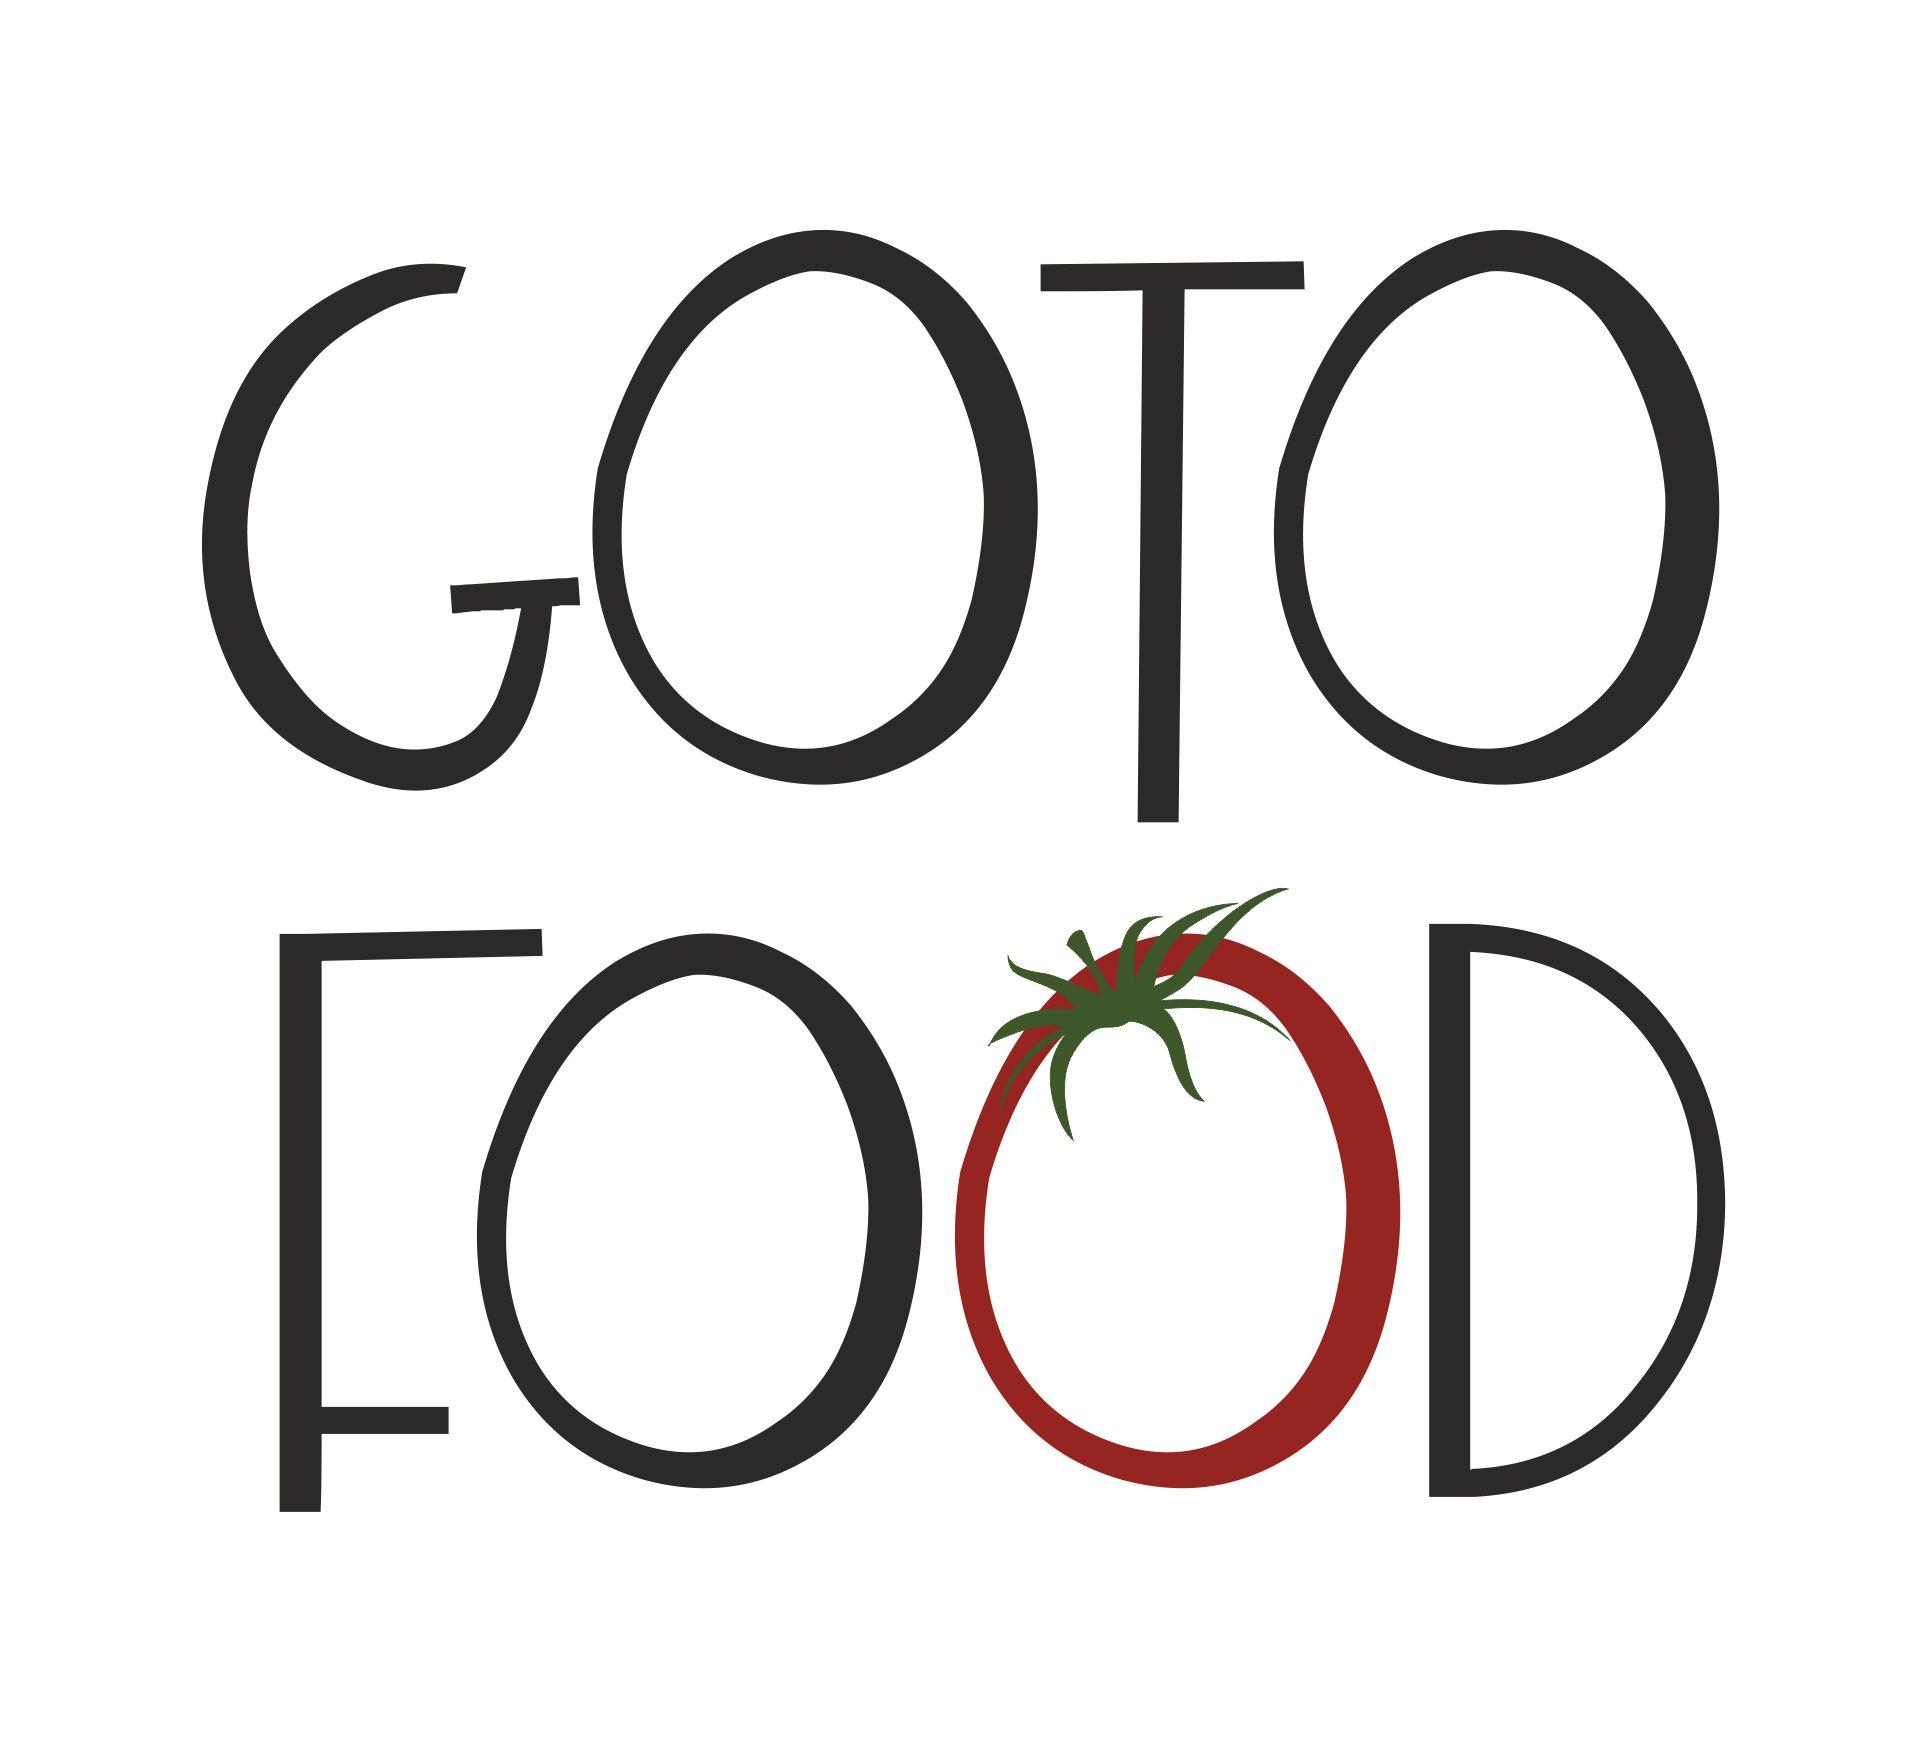 Логотип интернет-магазина здоровой еды фото f_1275cd2d43f3c037.jpg